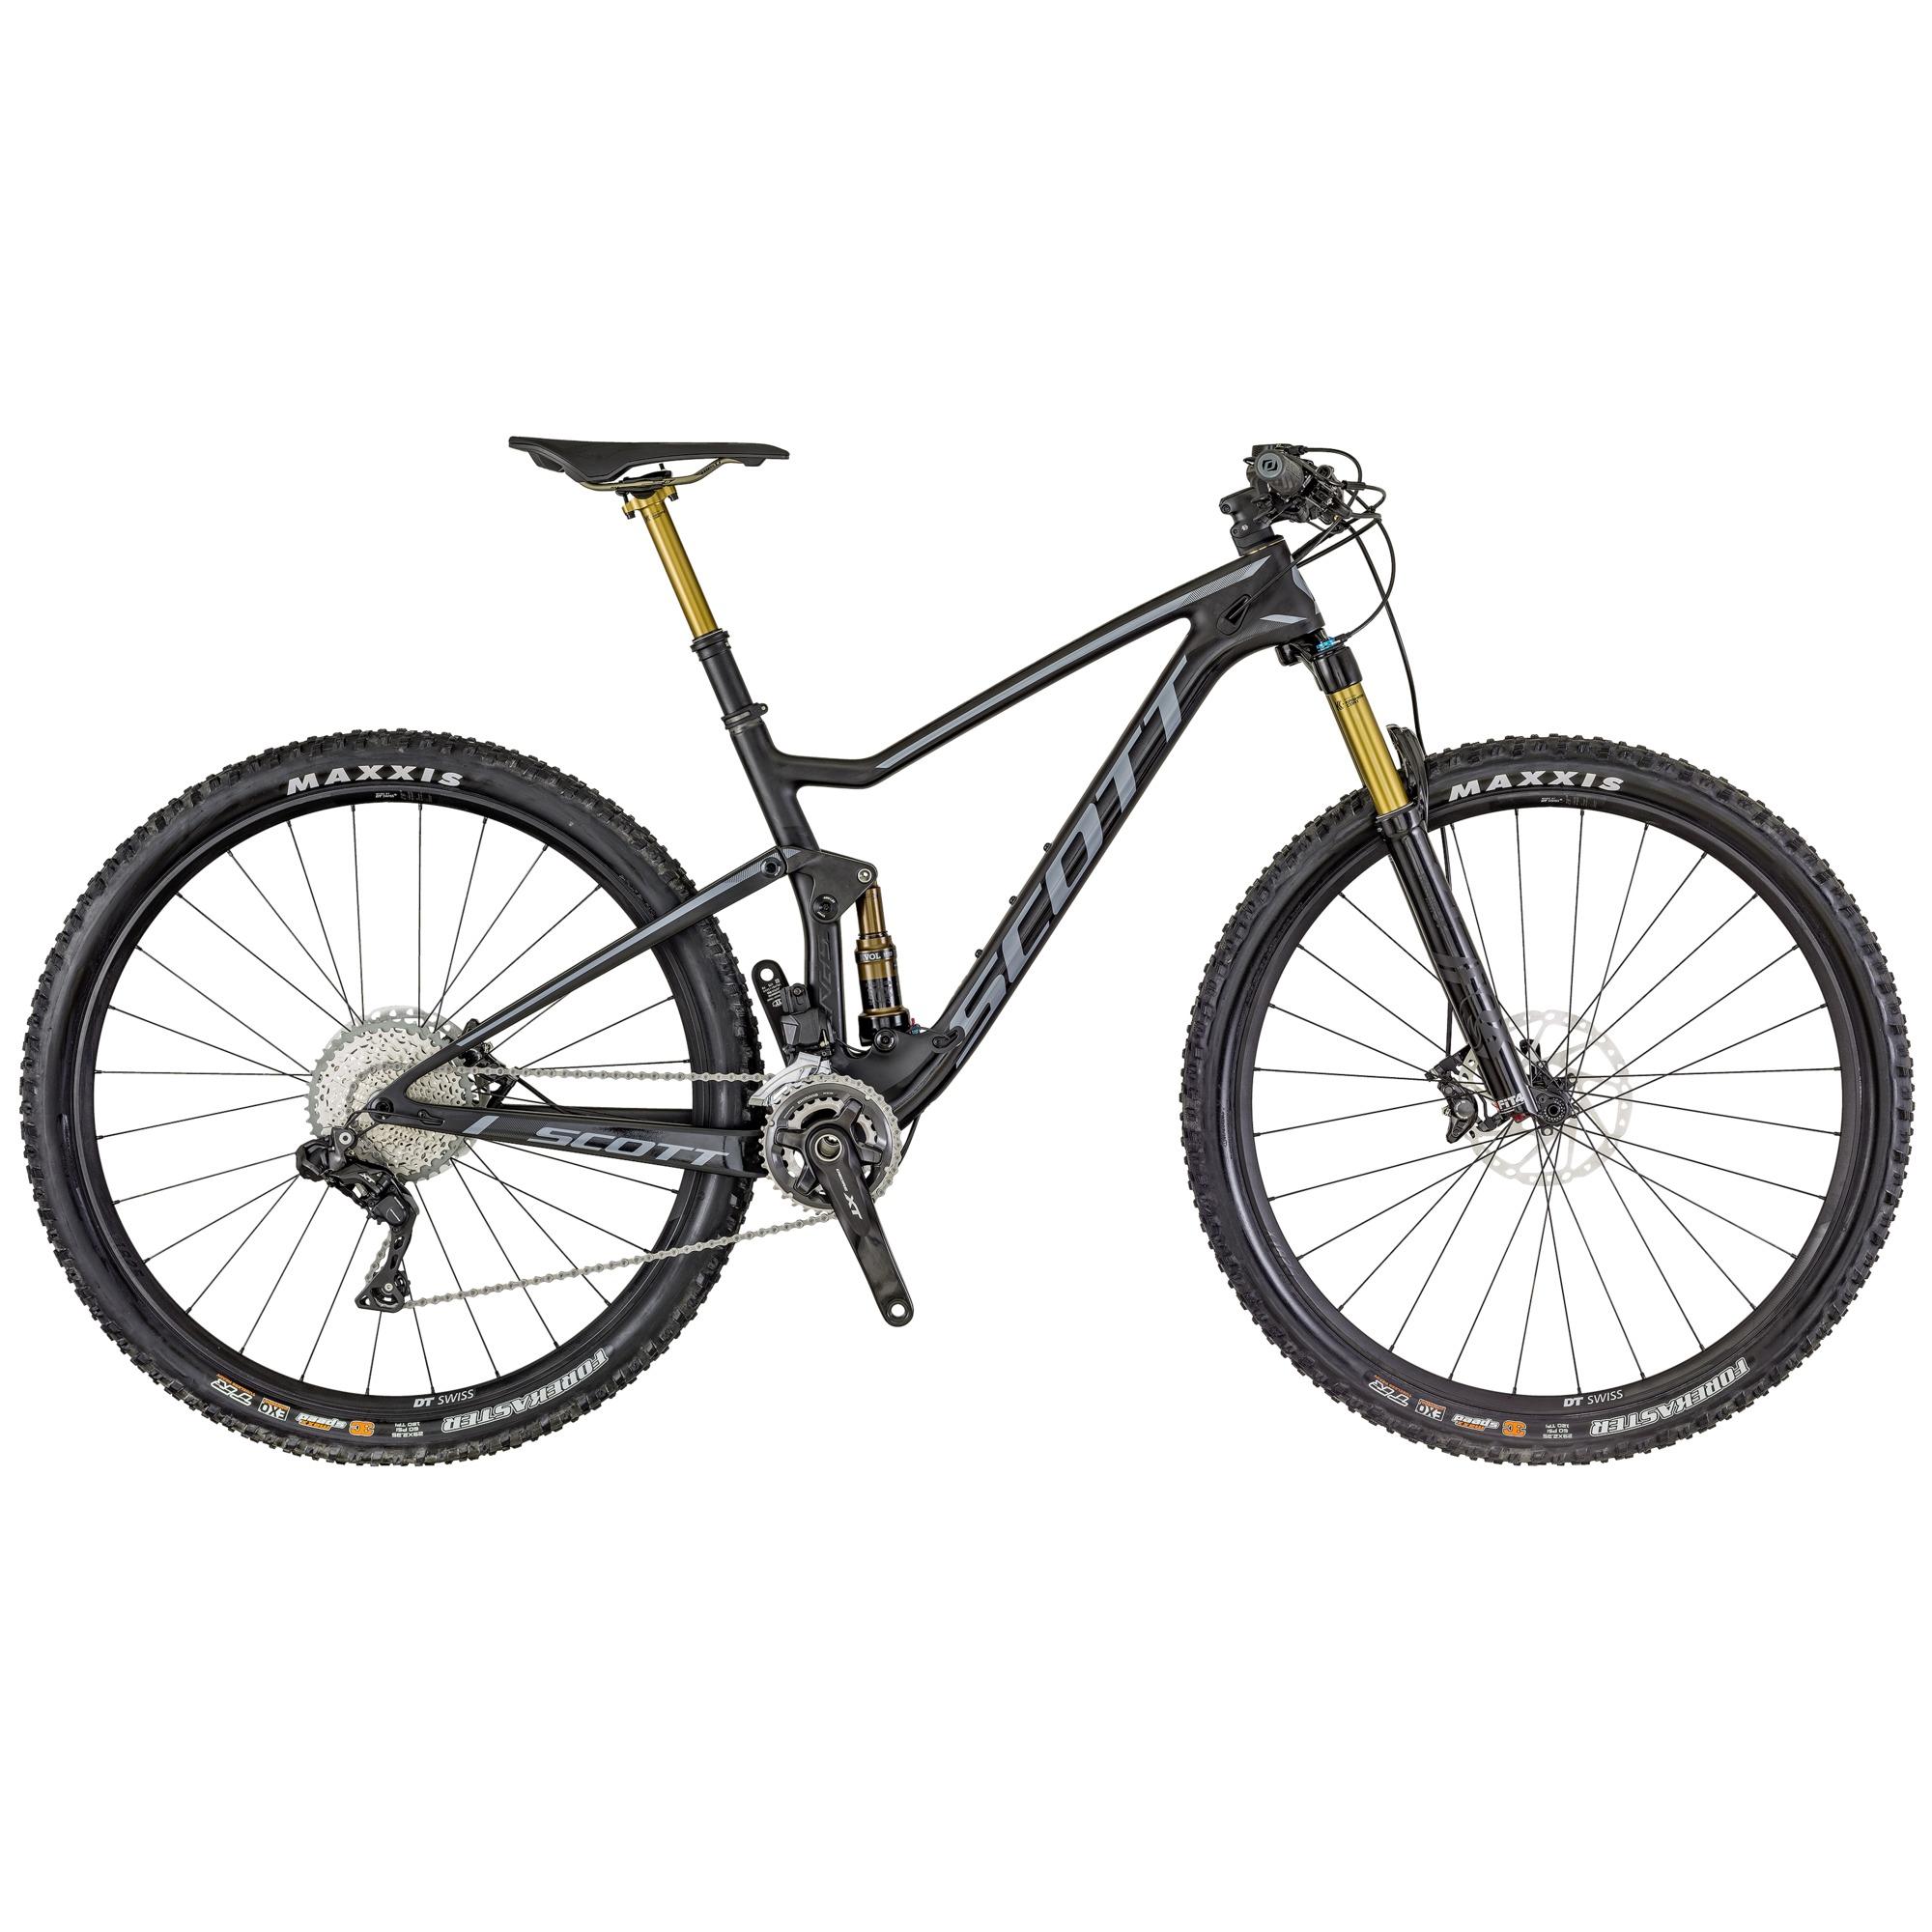 SCOTT Spark 900 Premium Bike M - Rad & Dämpferklinik GmbH